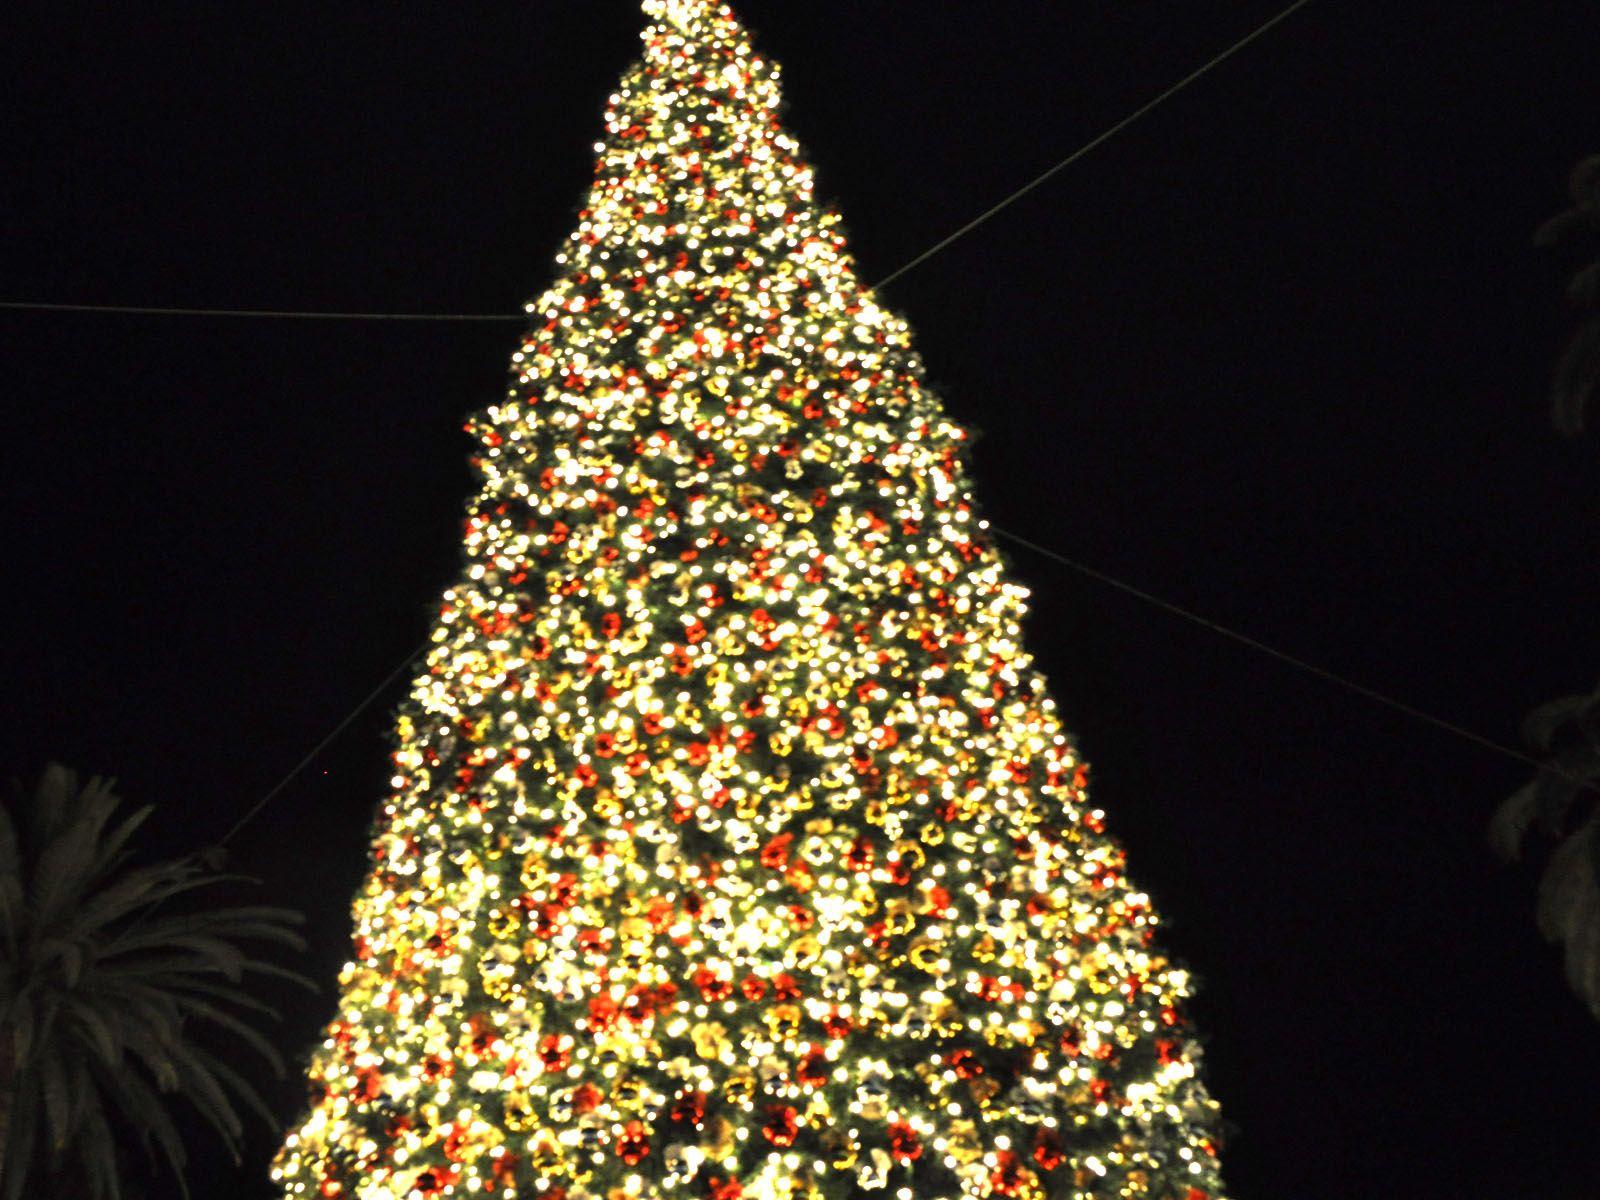 Ανάβουν τα φώτα στο Χριστουγεννιάτικο δένδρο στον Περα Μαχαλά στη Λάρισα